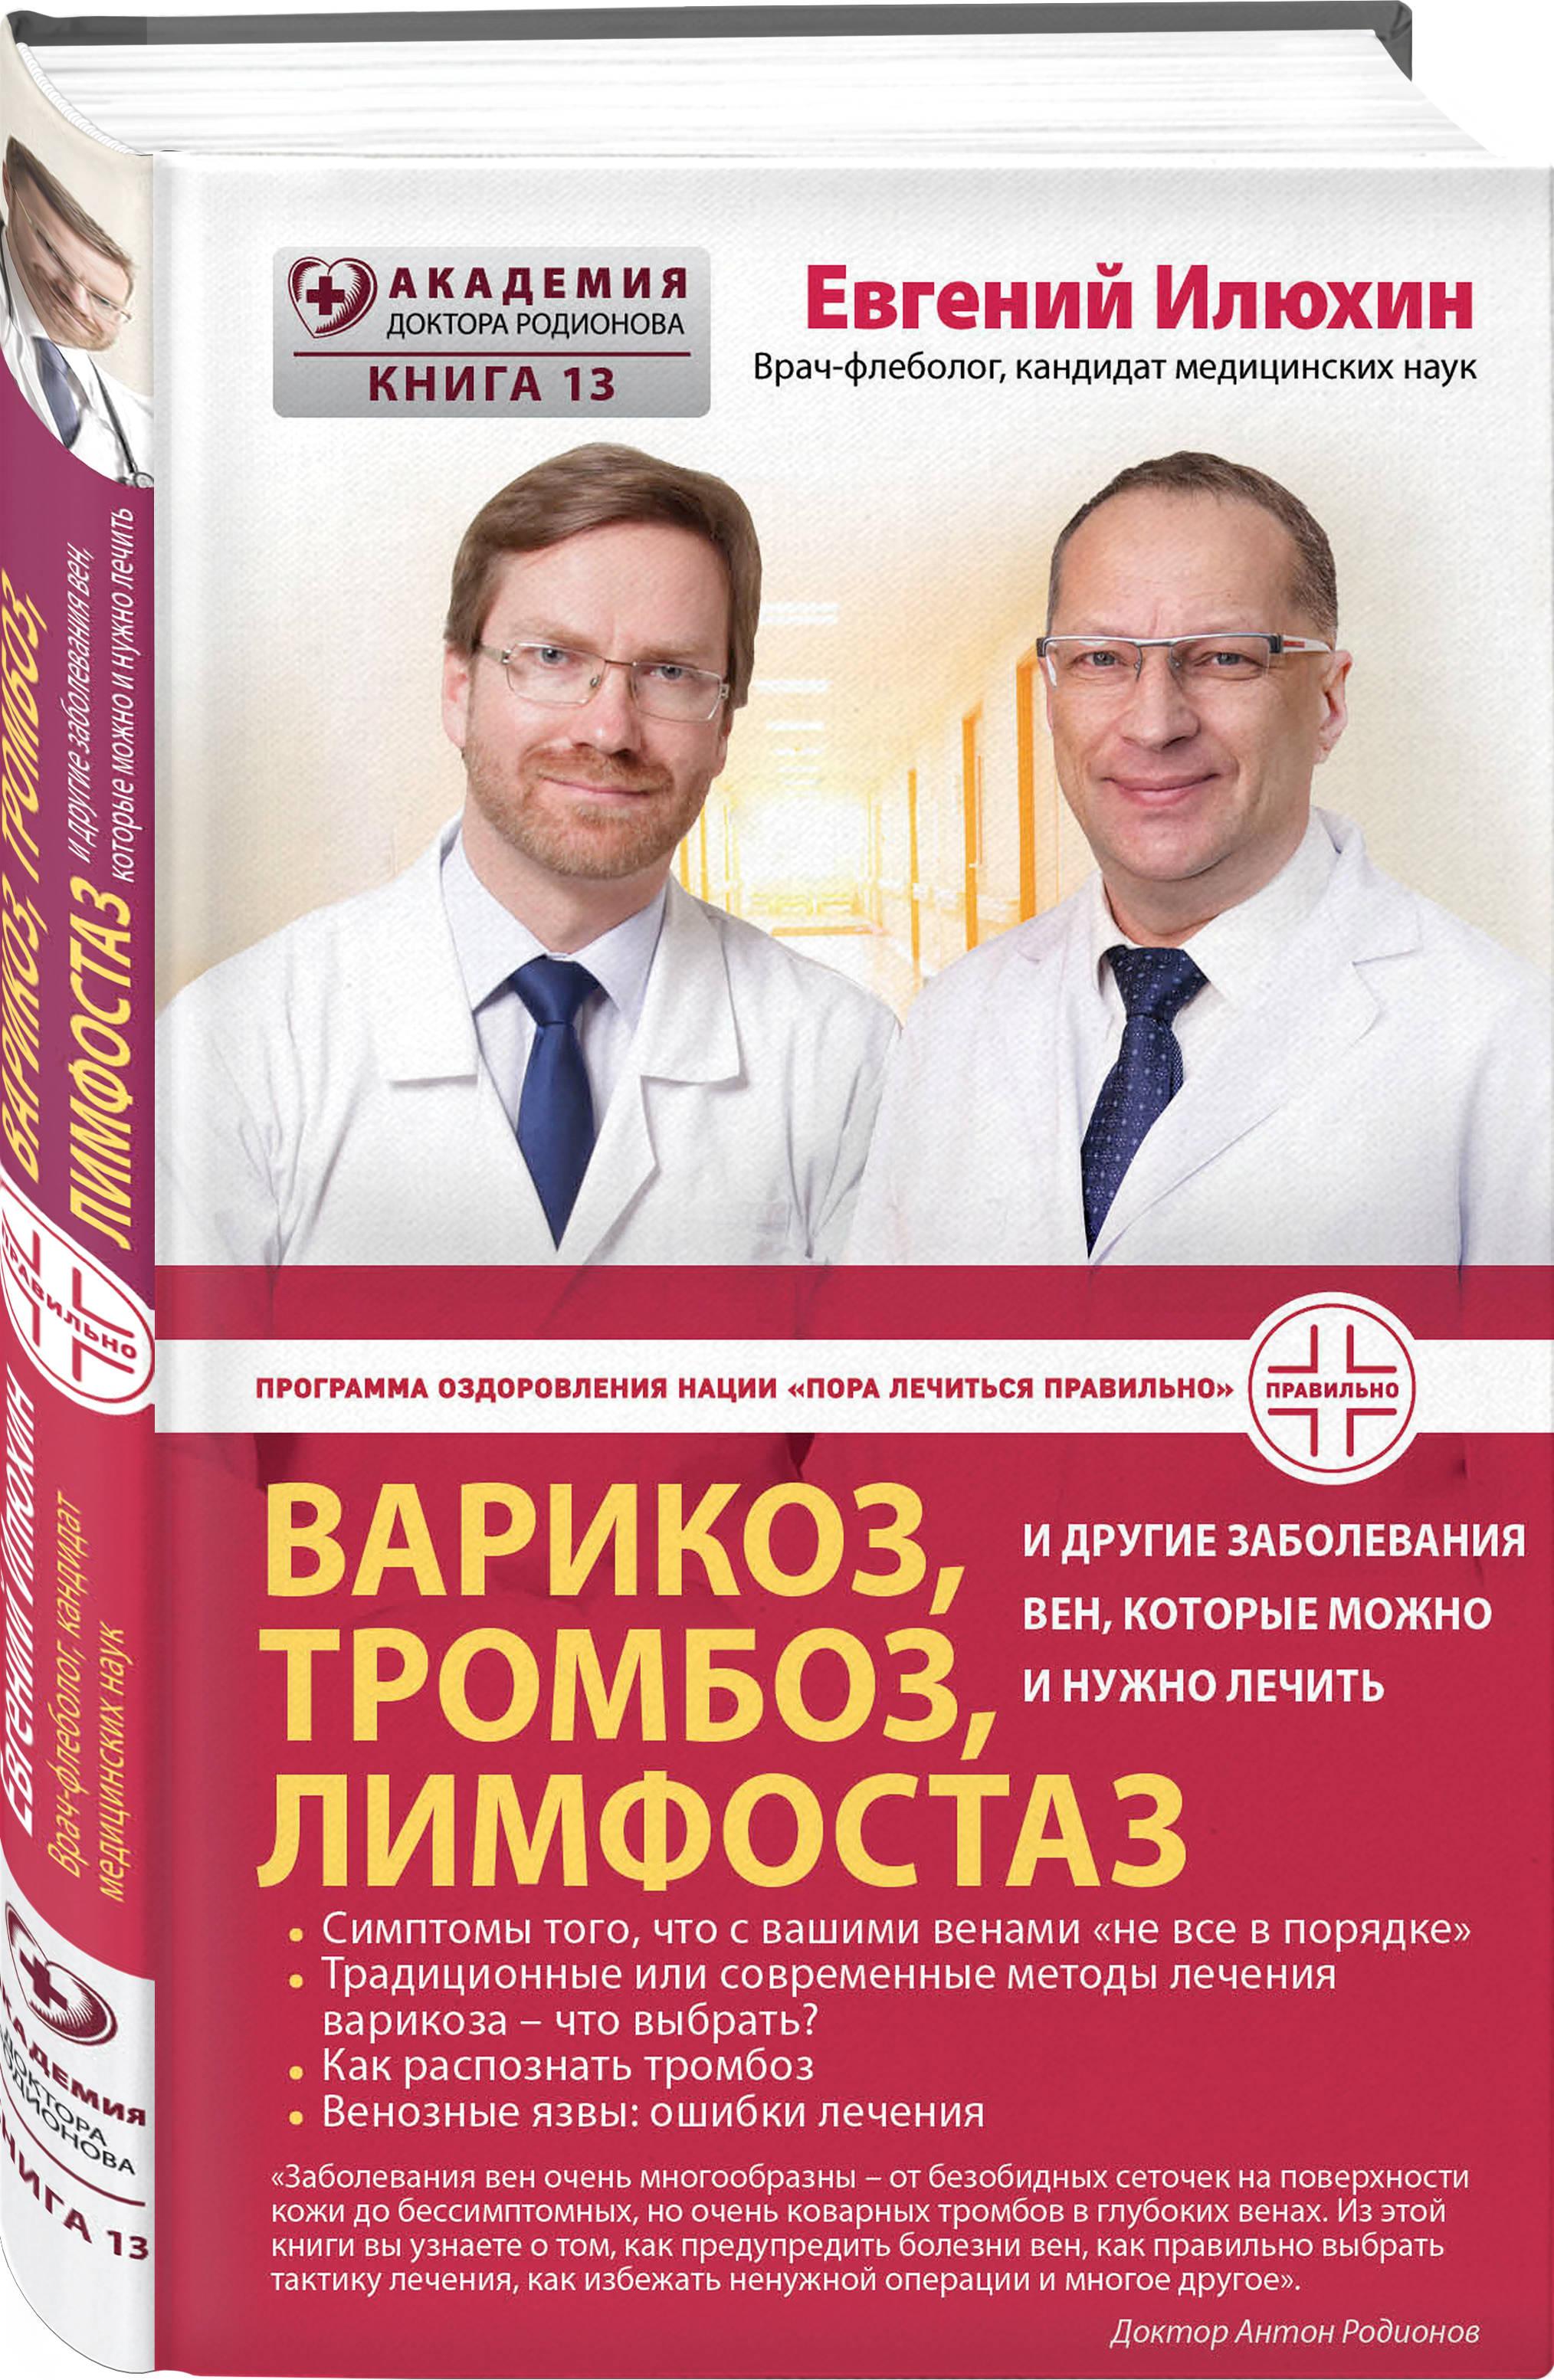 Евгений Илюхин Варикоз, тромбоз, лимфостаз и другие заболевания вен, которые можно и нужно лечить боль в суставах что делать варикозное расширение вен